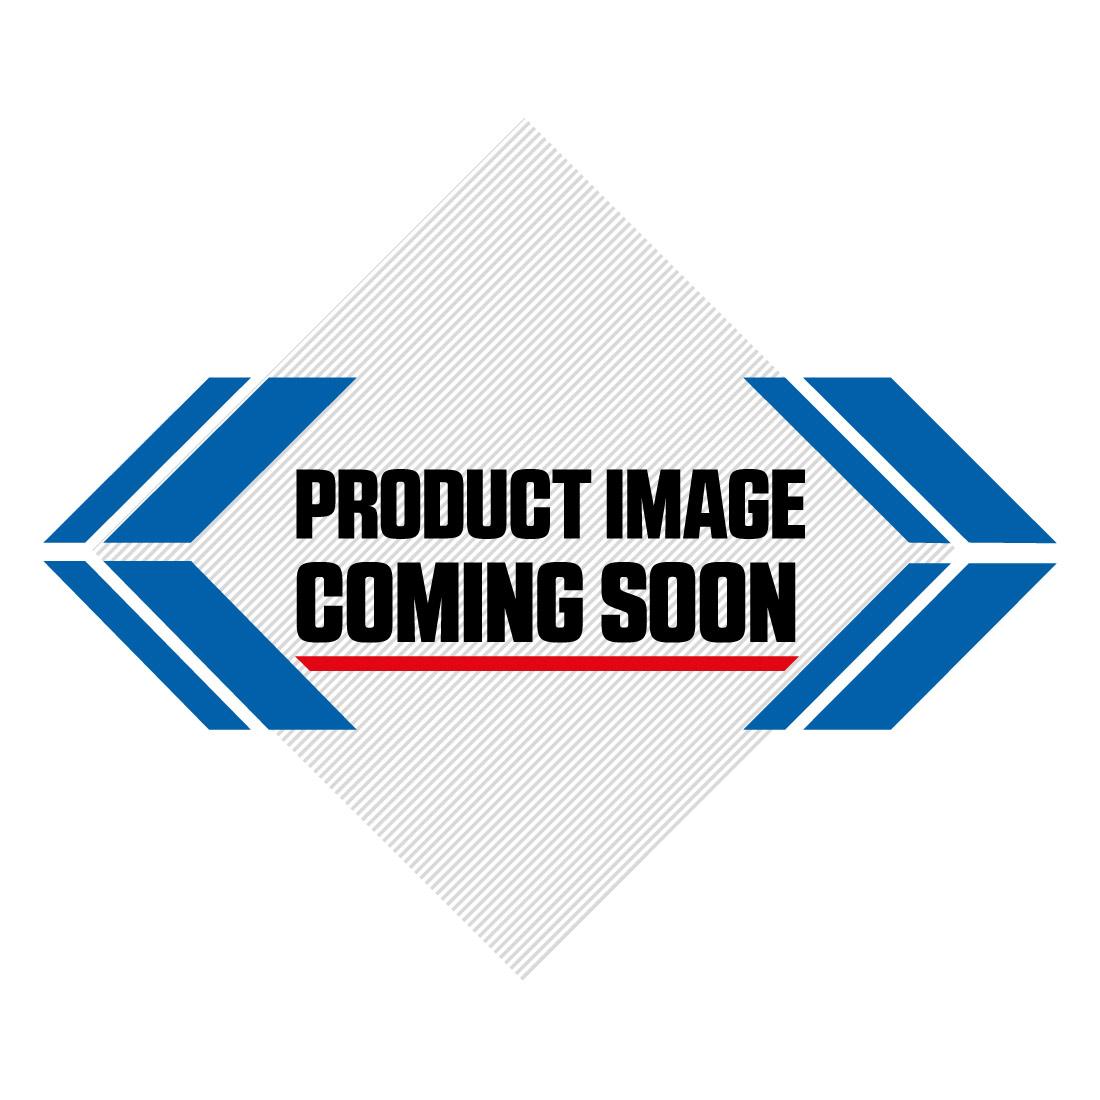 UFO Red White Blue Proton MX Kit Combo Image-1